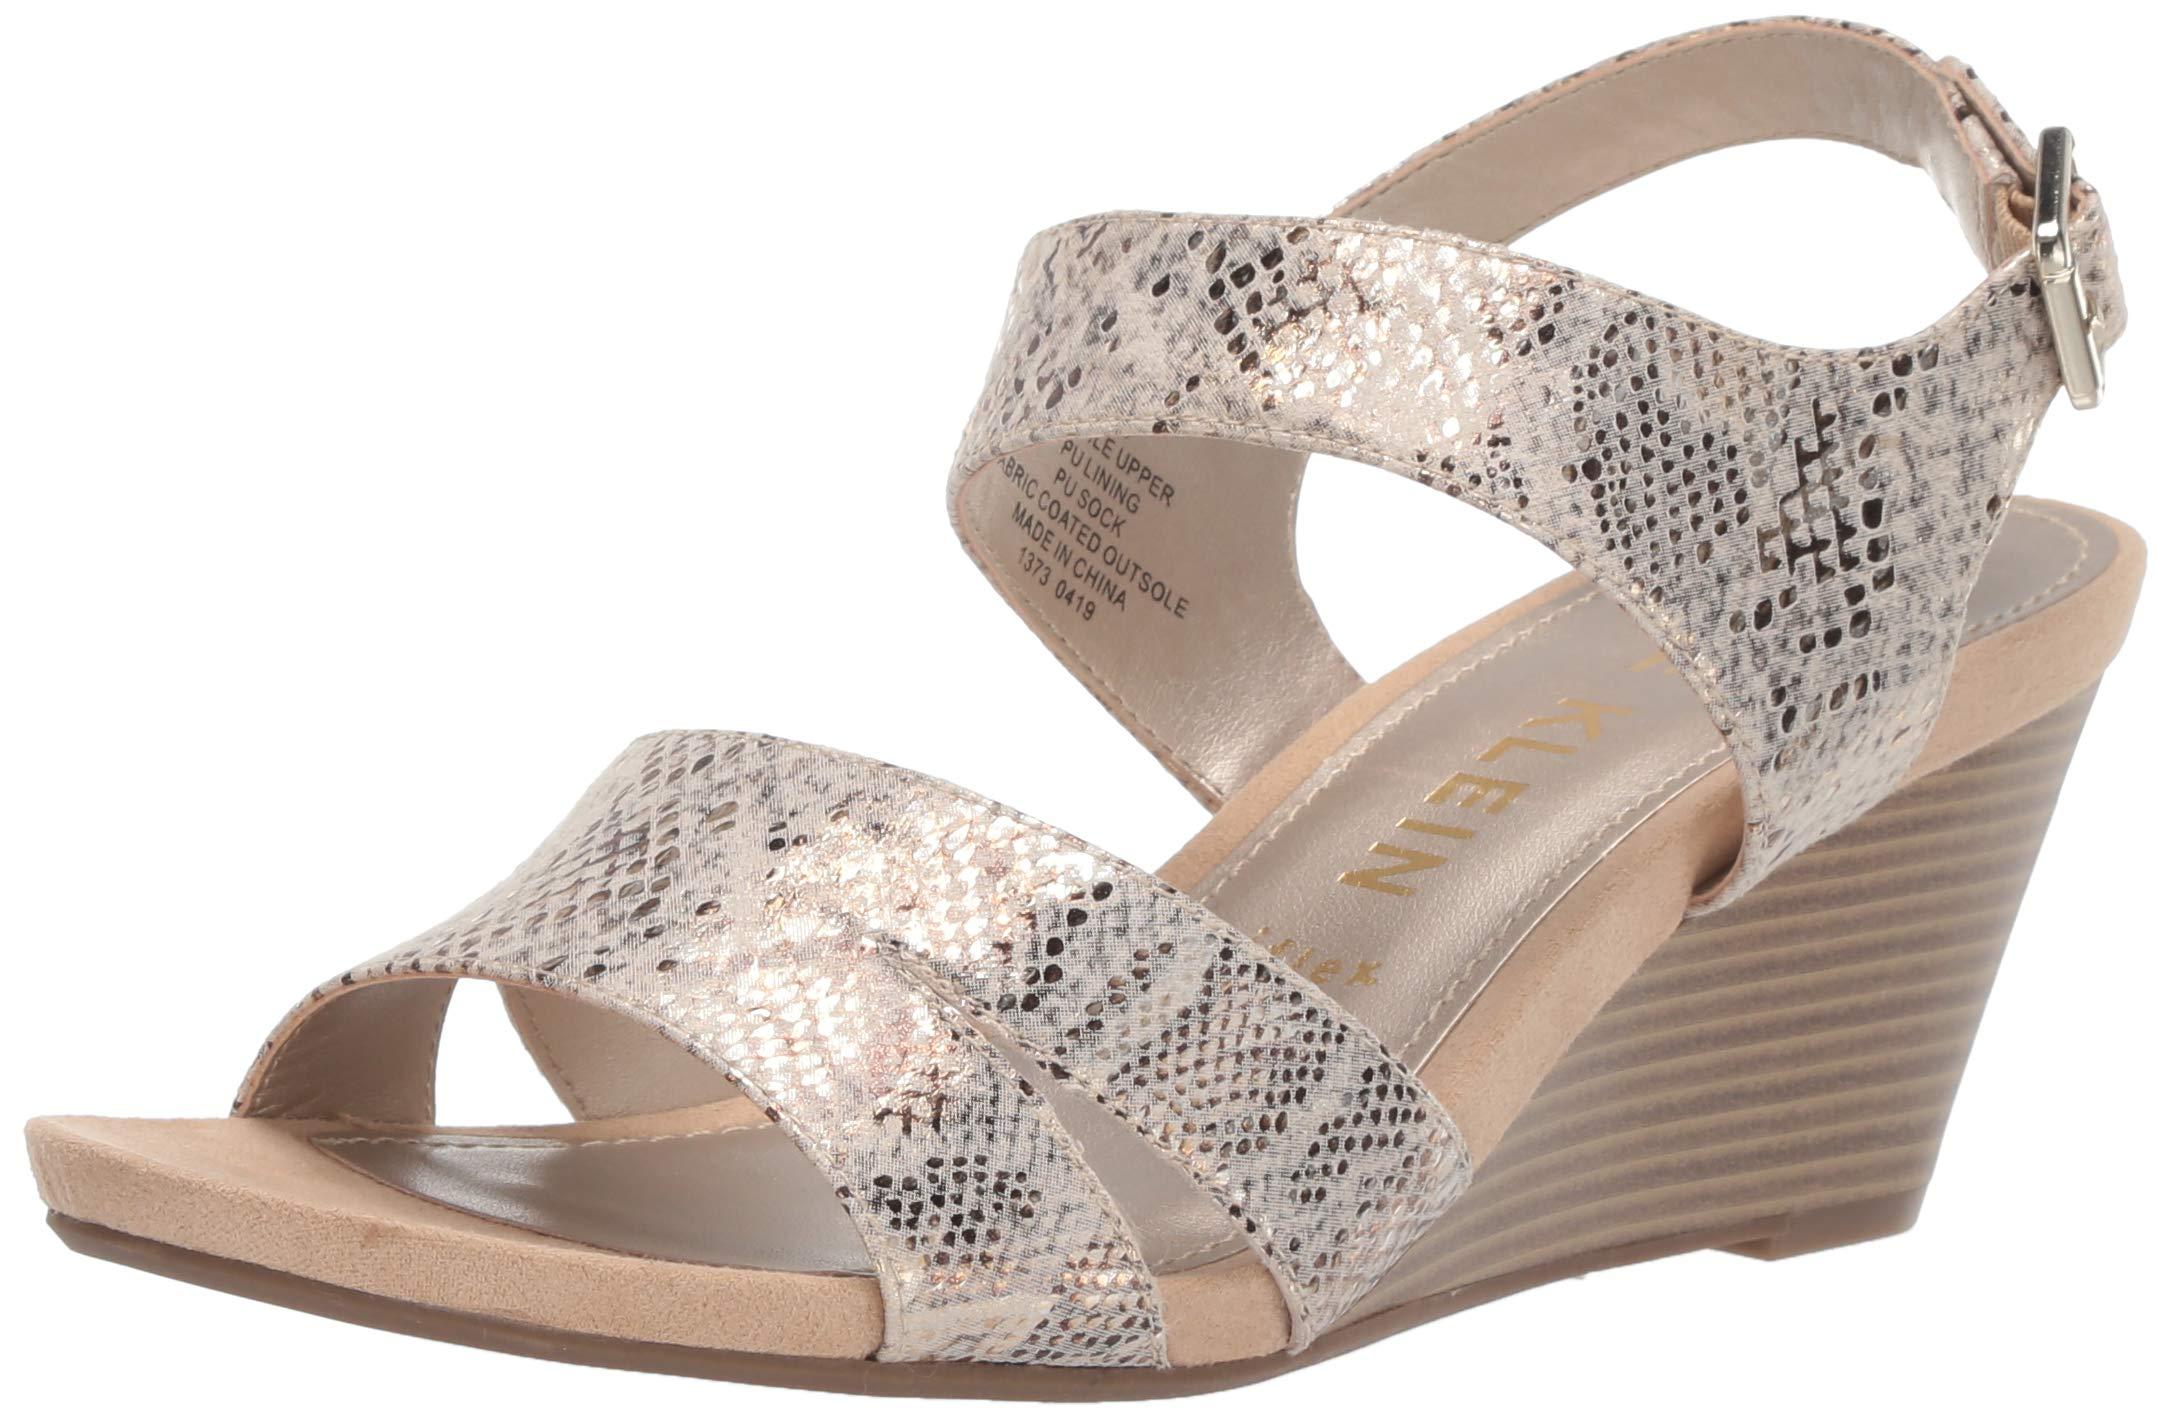 Anne Klein Women's SARRY Wedge Sandal, Natural Multi, 6 M US by Anne Klein